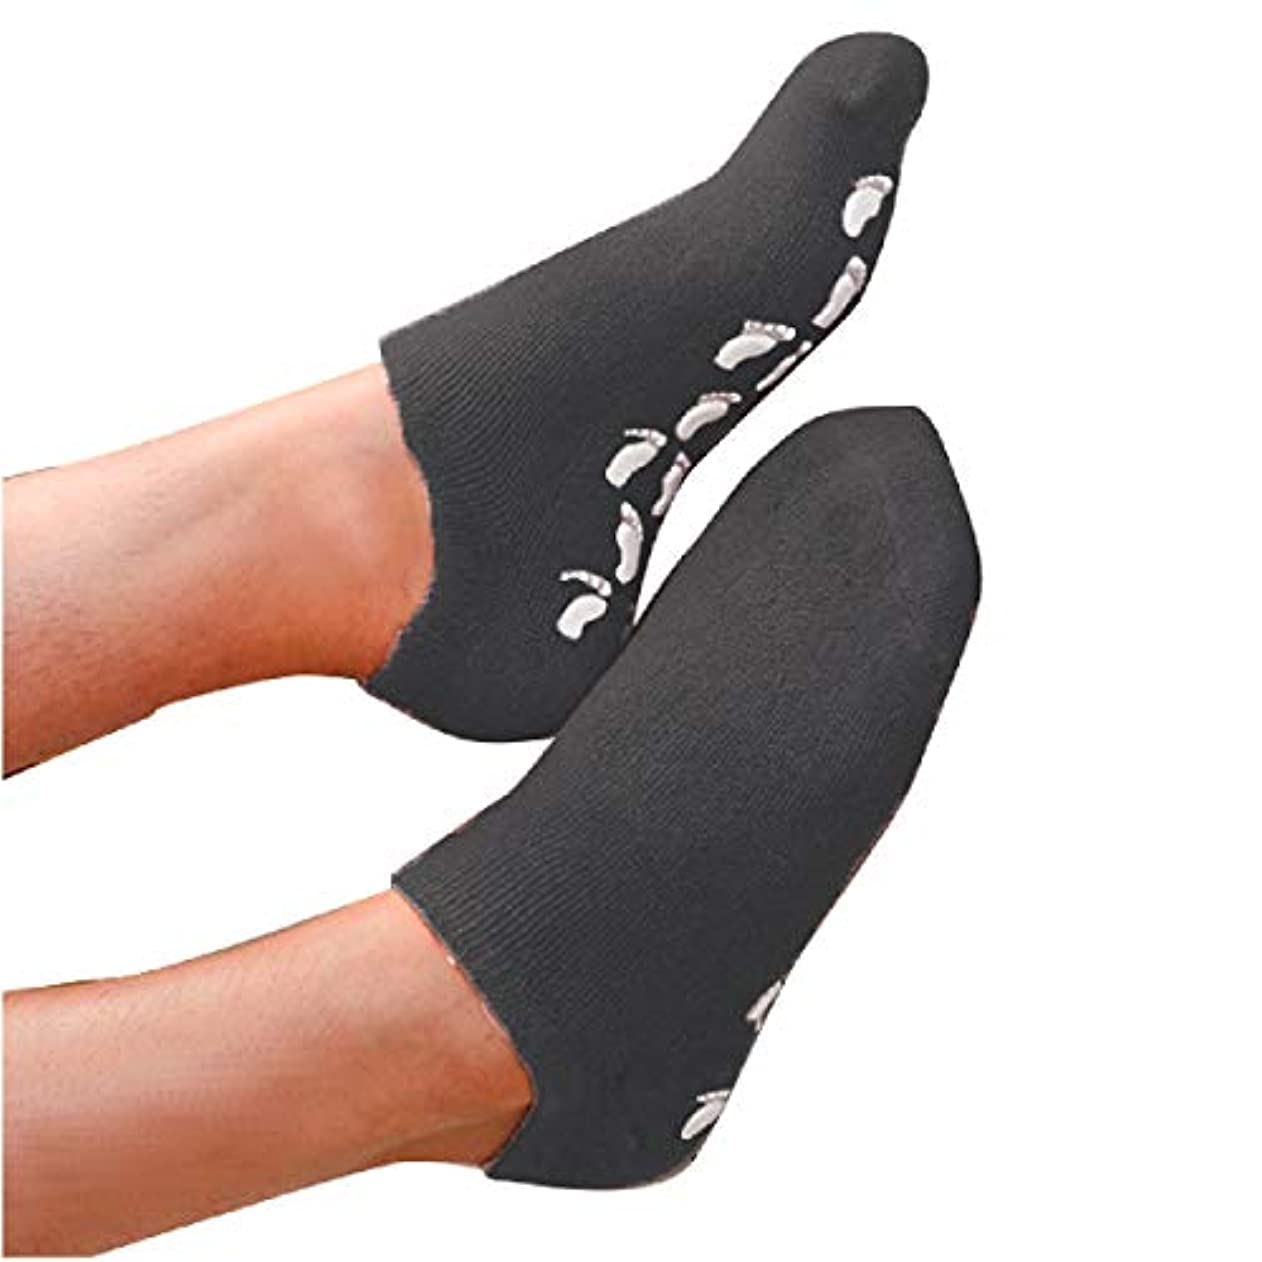 マスクパドルロケーションS&E かかと 靴下 保湿 ソックス 美容成分 潤い ゲル付き 滑り止め 足裏 足の甲 ホホバオイル グレープシード ビタミンE ラベンダー ローズ (ブラック)